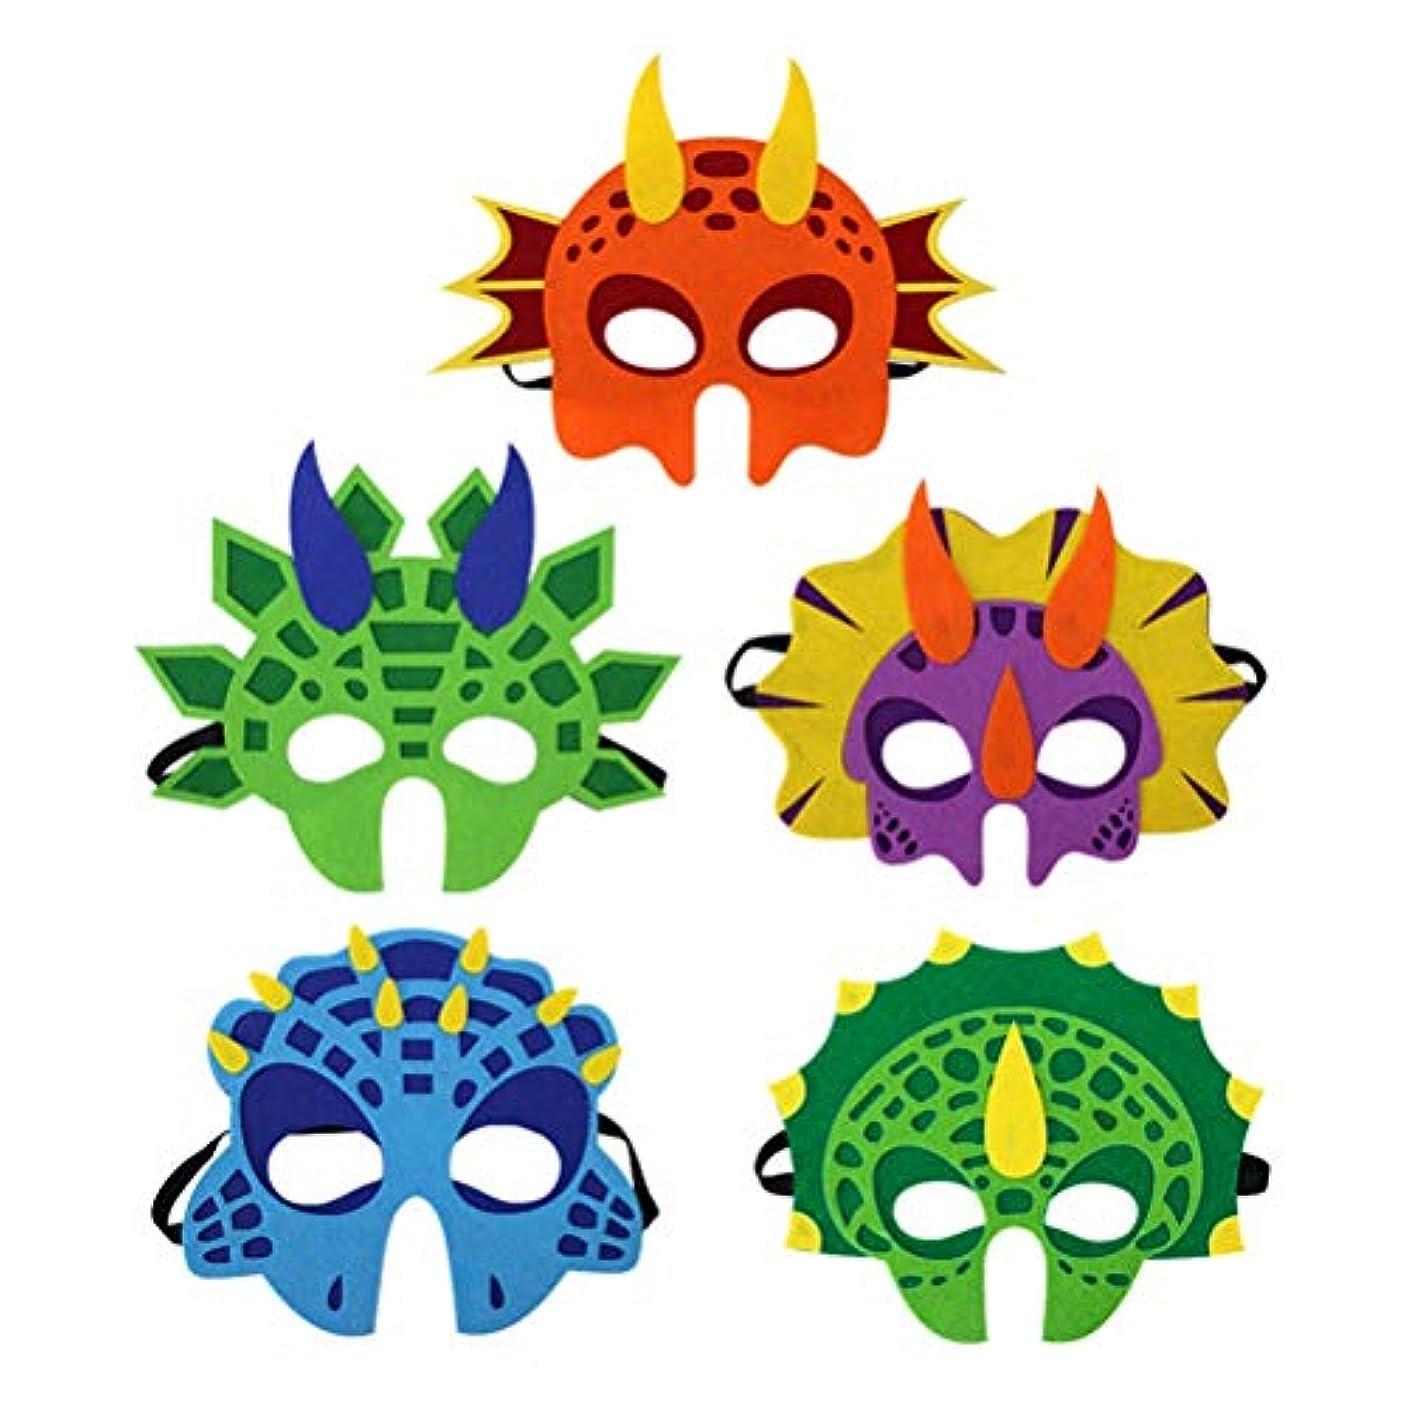 興奮する光の勢いBESTOYARD 5ピース恐竜マスクコスプレフェルトマスクかわいい恐竜漫画フェイスマスク用子供キッズパーティー用品